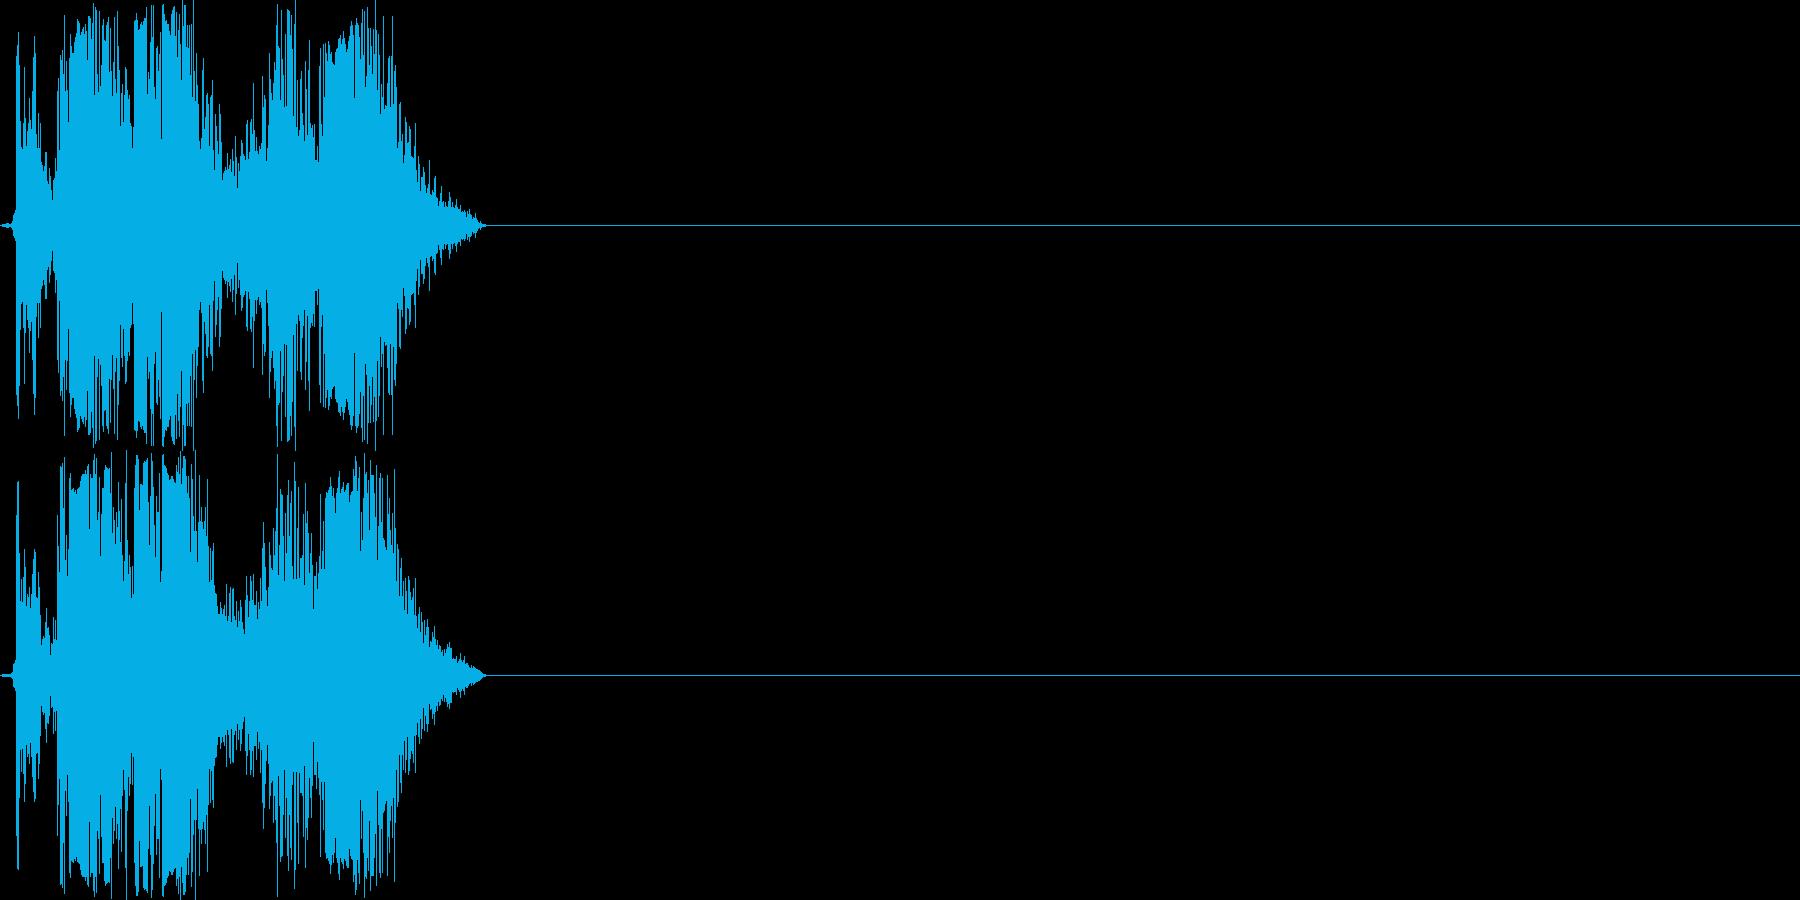 カチャ(ハンドガンのリロード音)の再生済みの波形